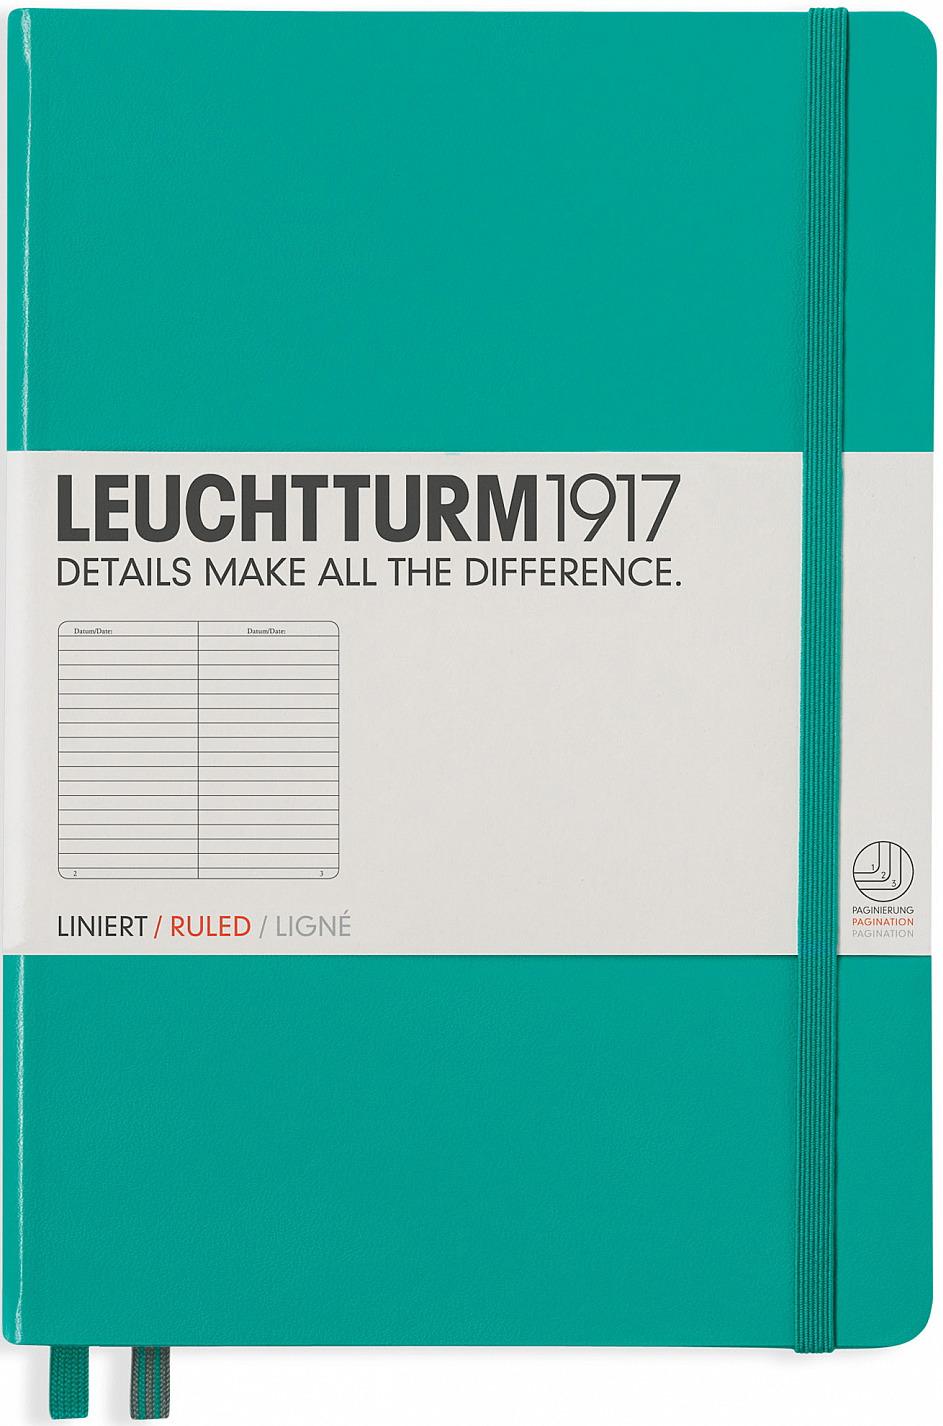 Записная книжка Leuchtturm1917, 344790, зеленый, A5 (148 x 210 мм), в линейку, 125 листов